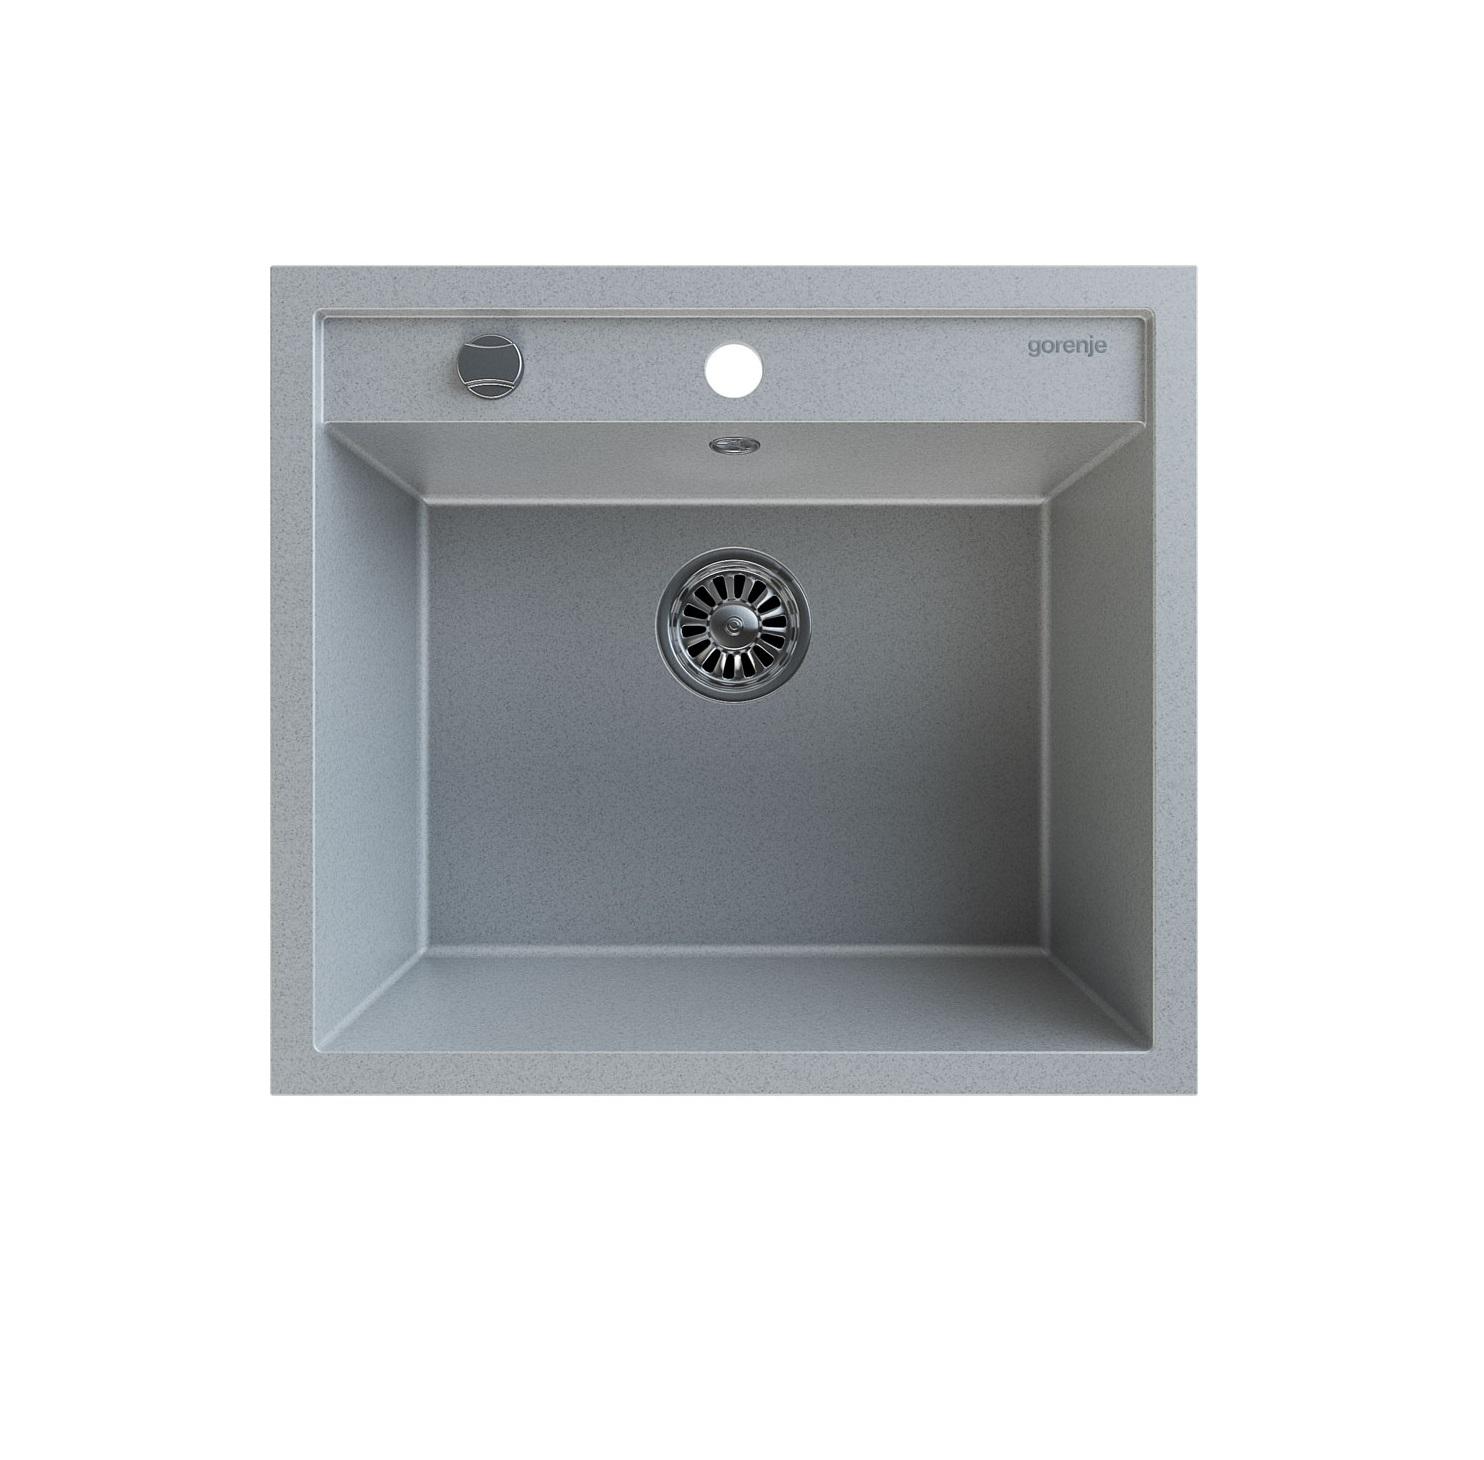 Gorenje KVEKM15 ugradna sudopera siva